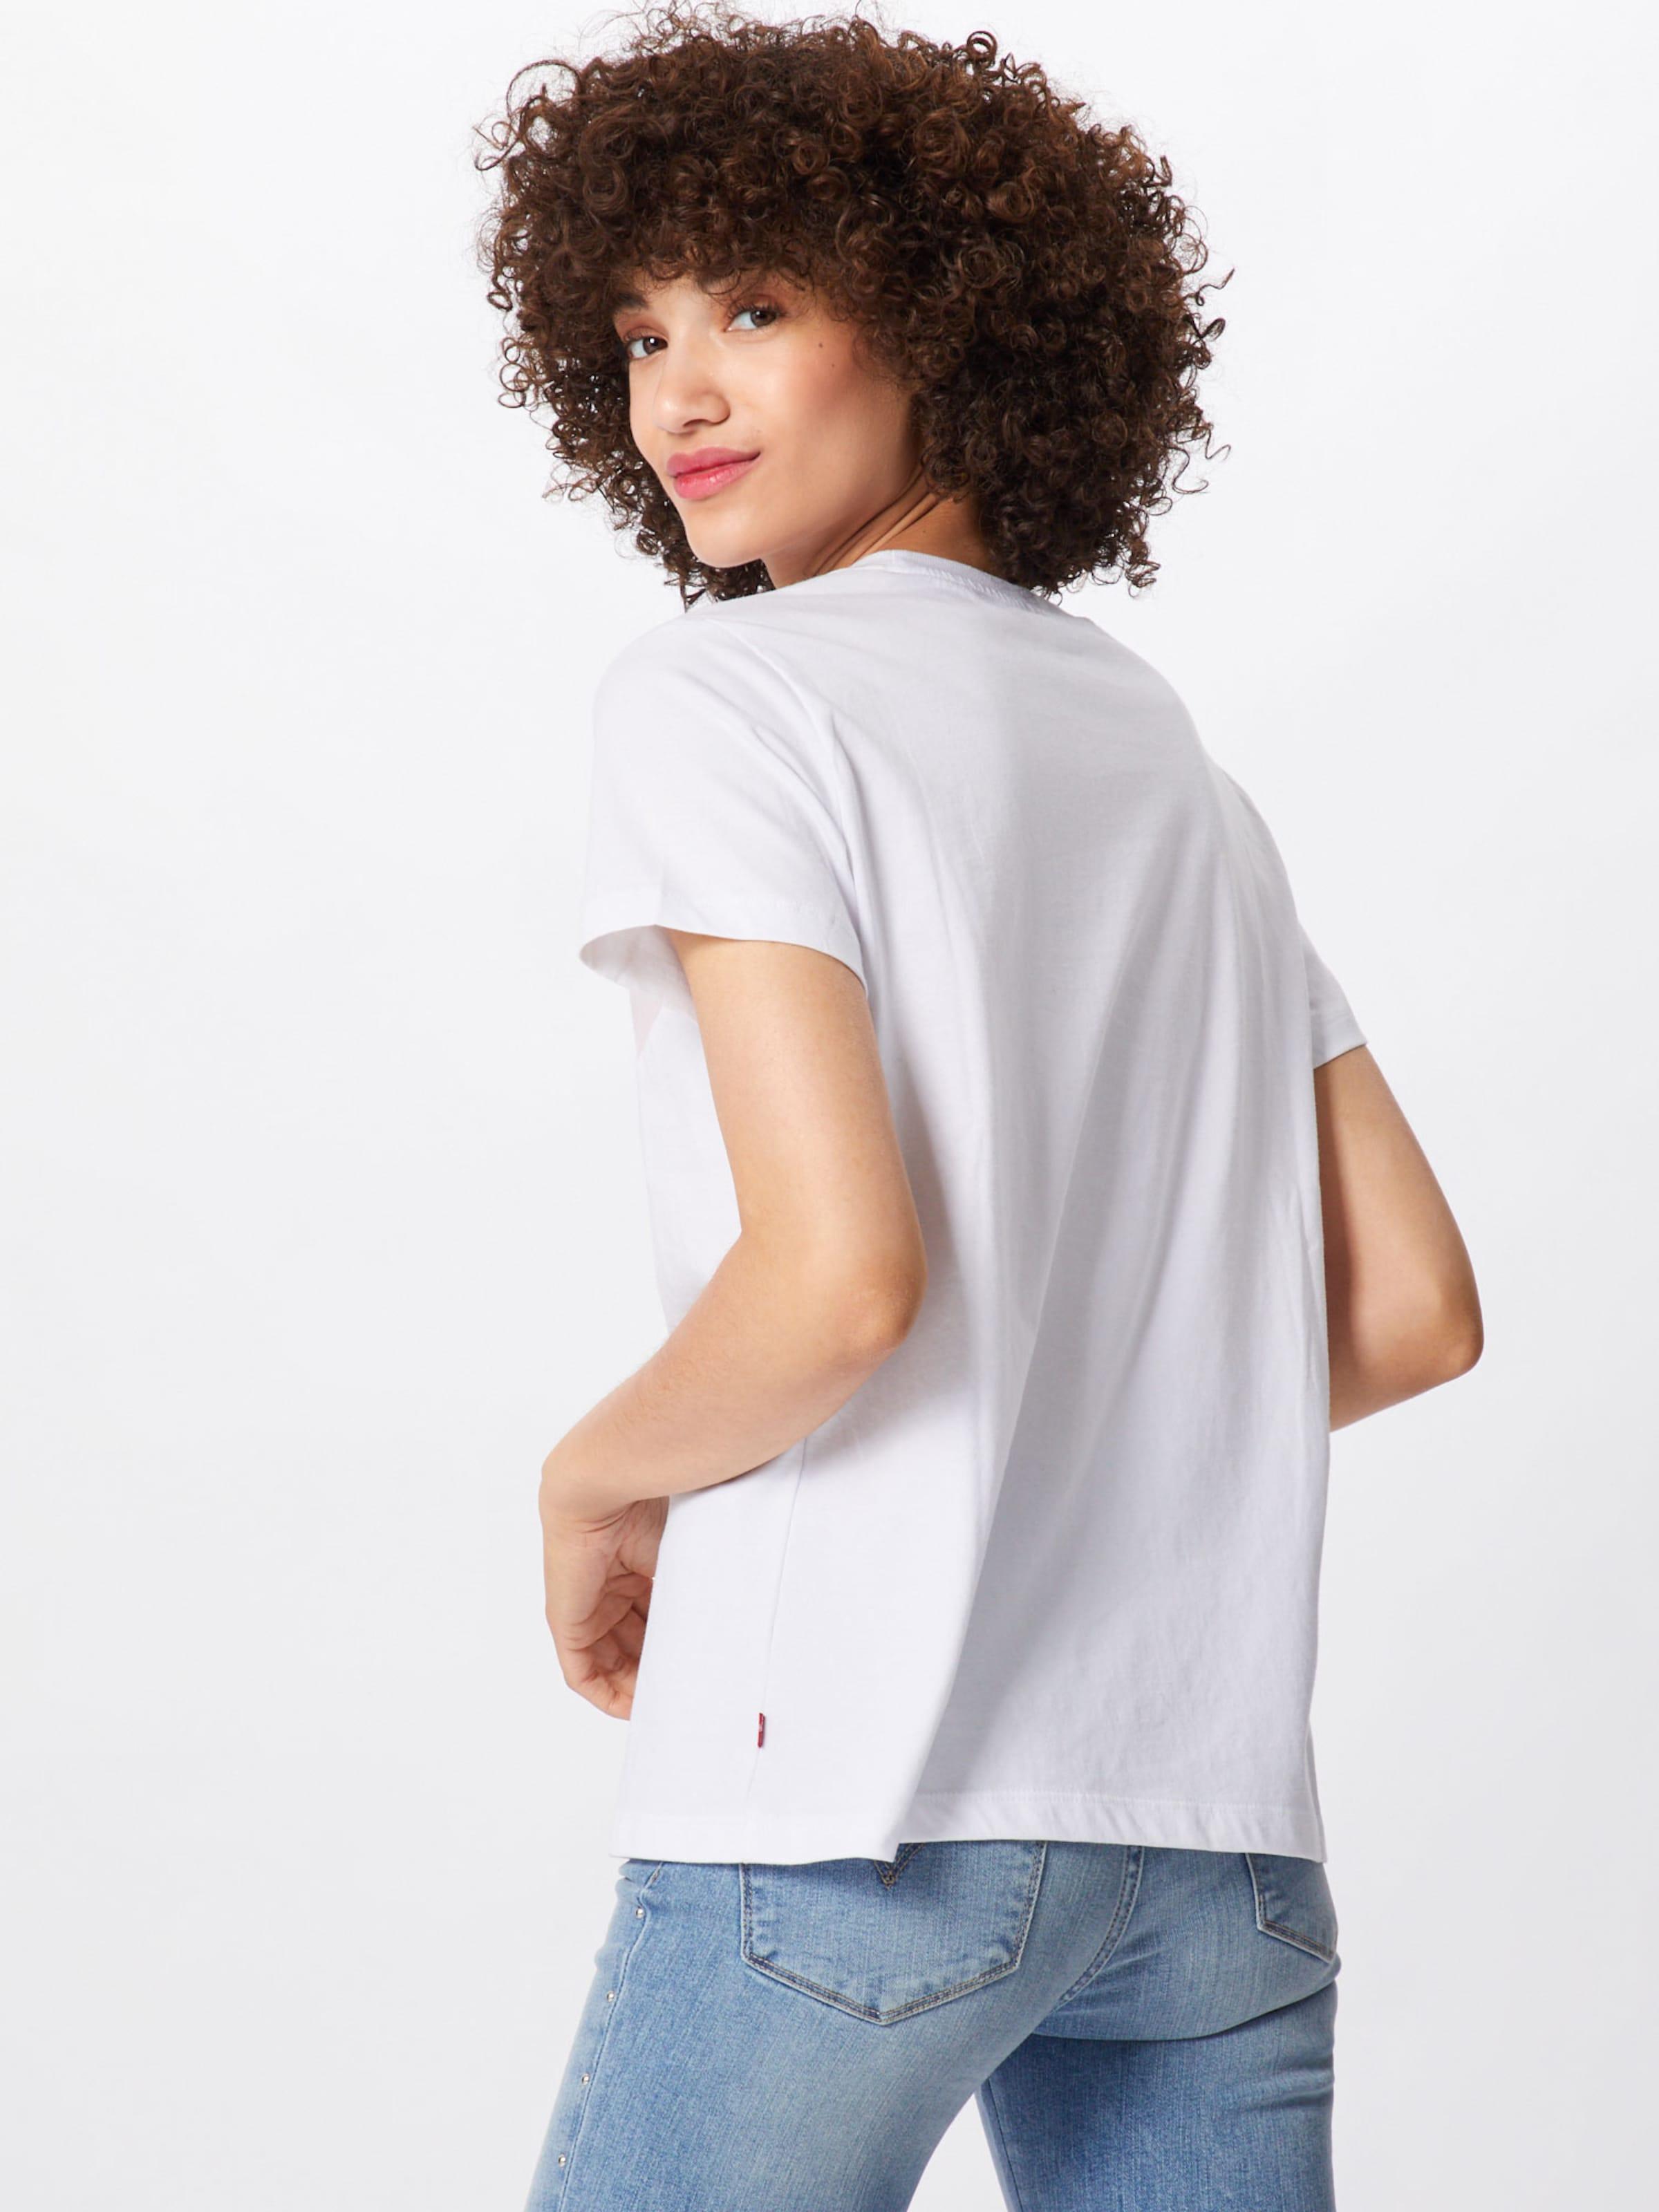 En Levi's T shirt RougeNoir 'florence' Blanc zpSMVU